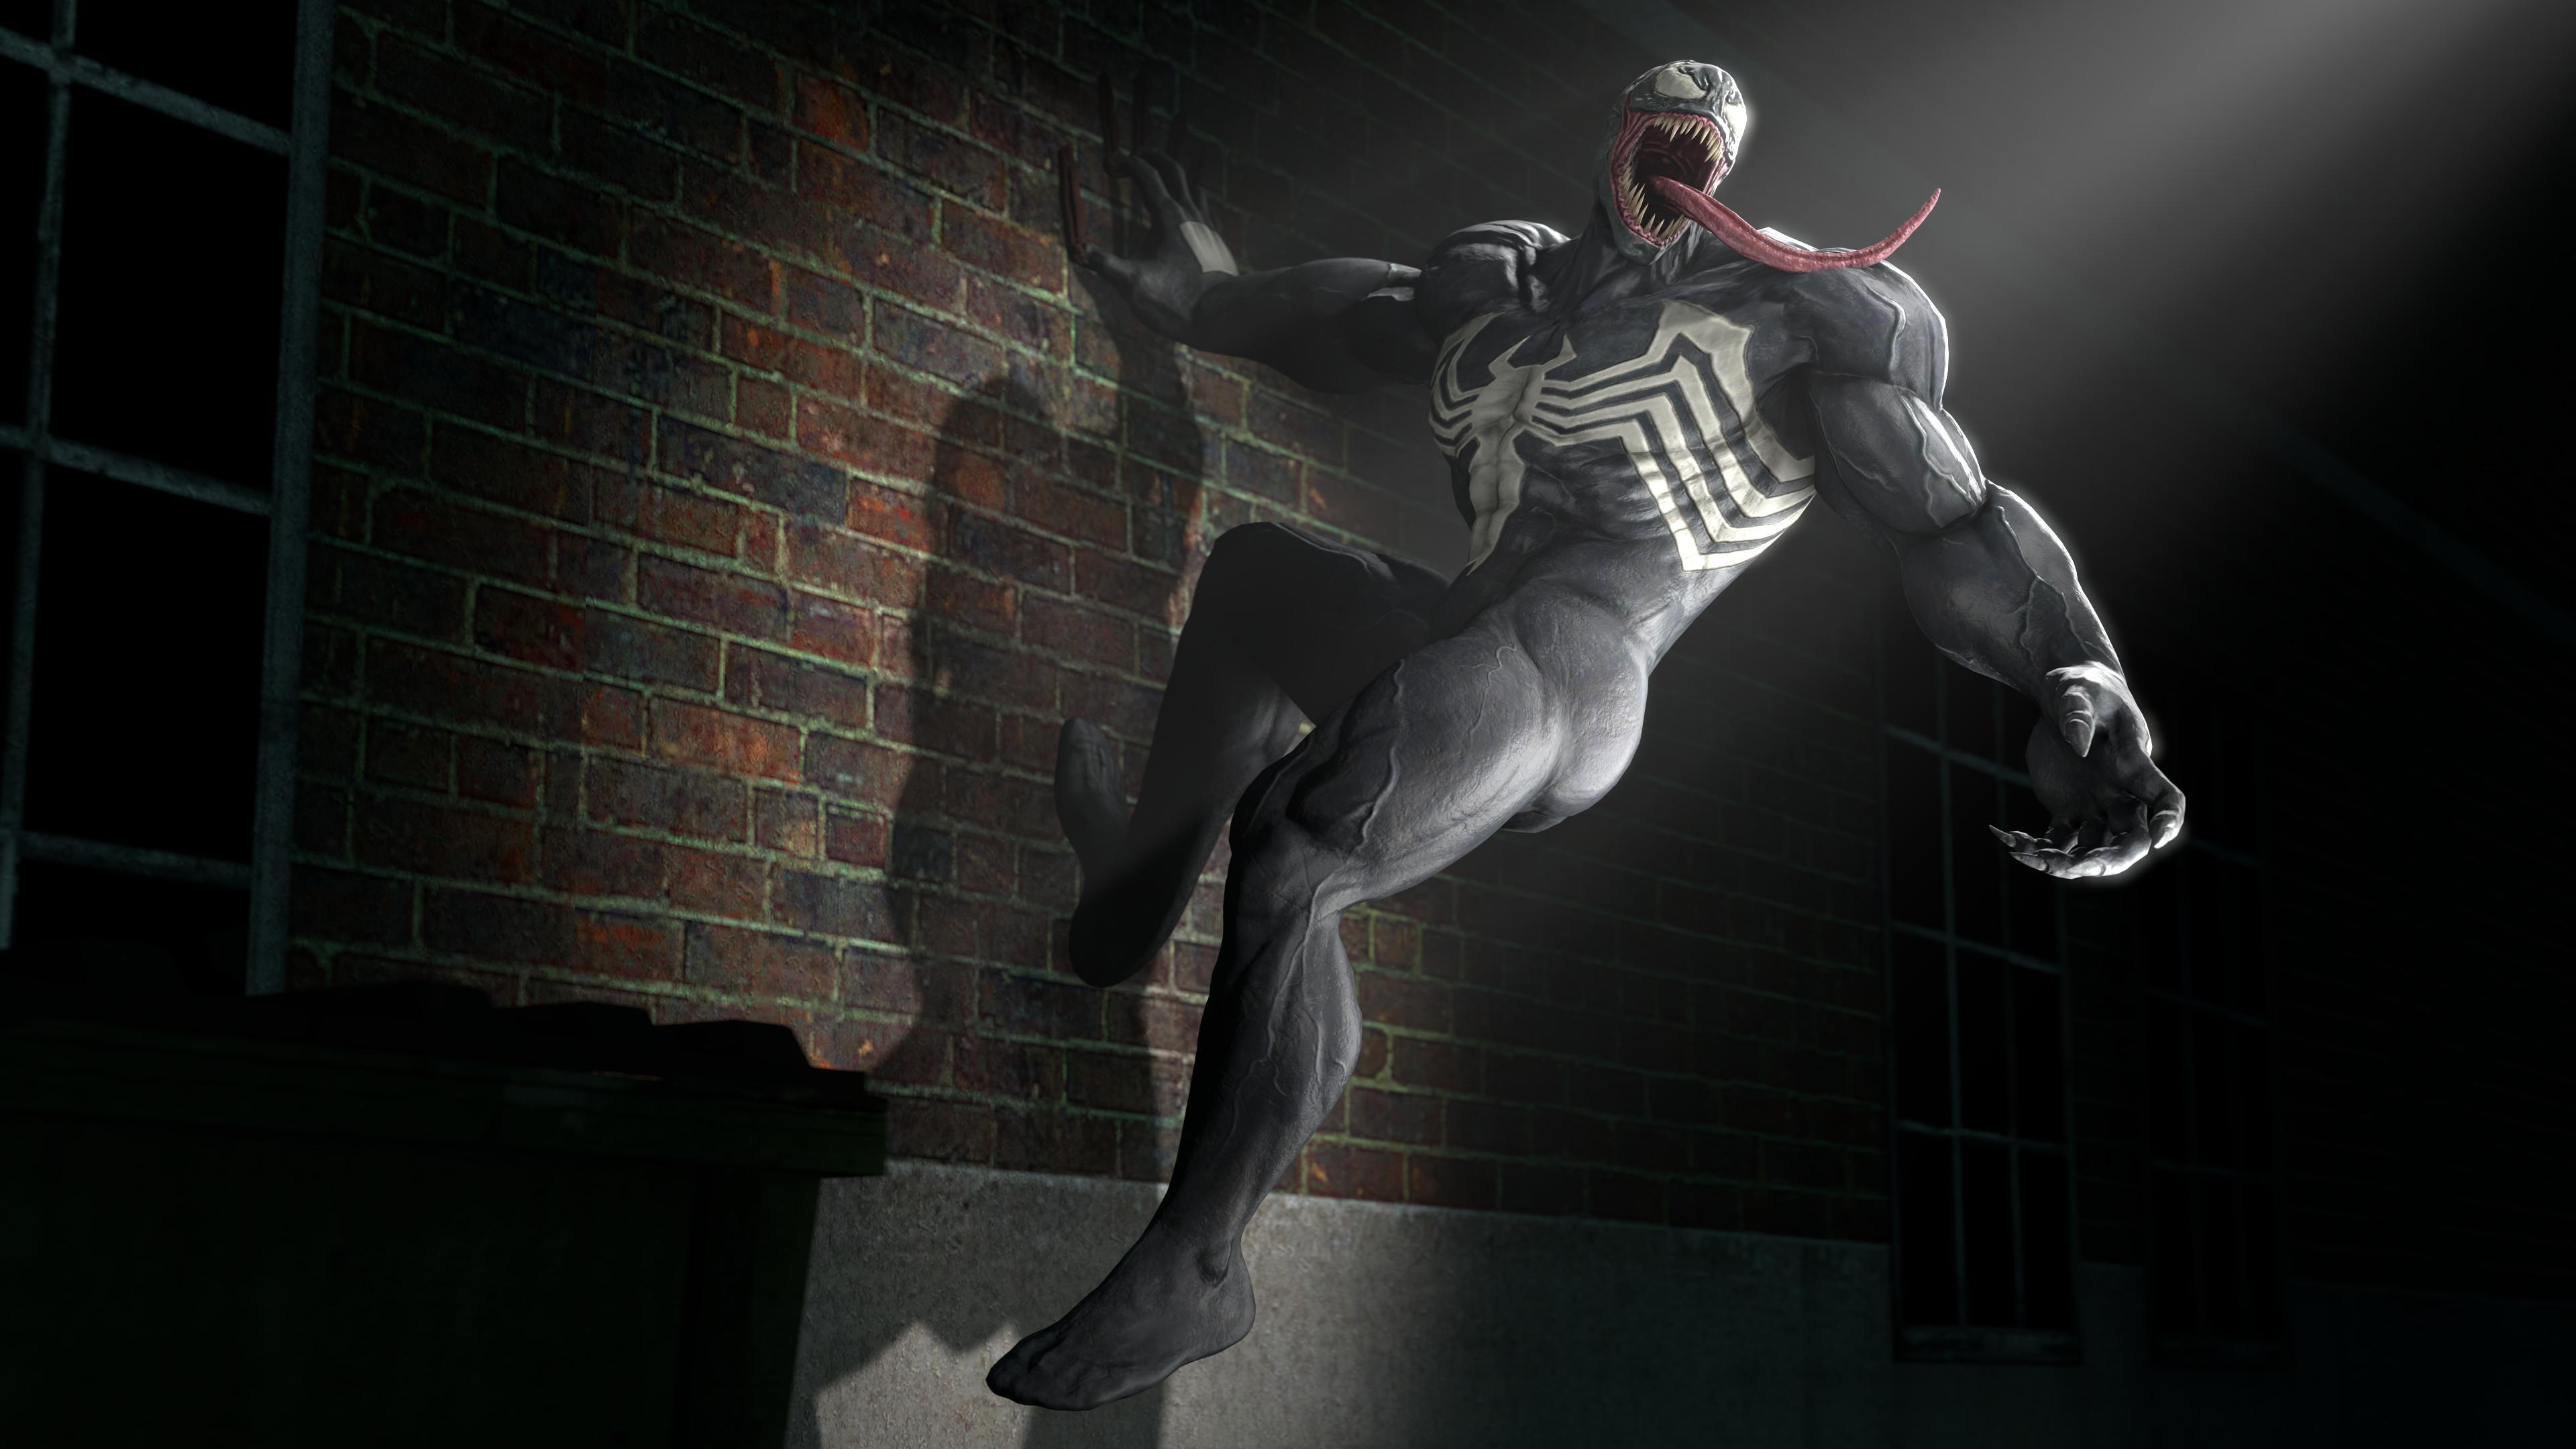 venom wallpaper hd 4k